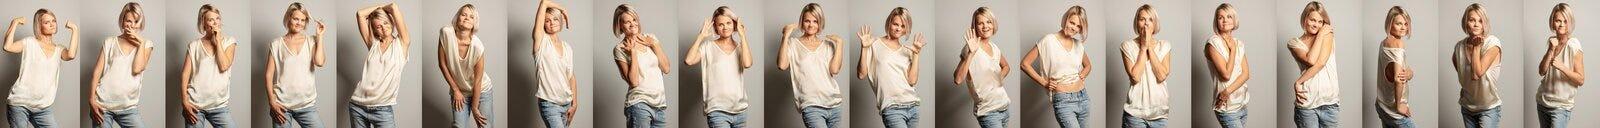 Μια ομάδα εικόνων μιας νέας όμορφης γυναίκας με τις διαφορετικές συγκινήσεις στοκ φωτογραφίες